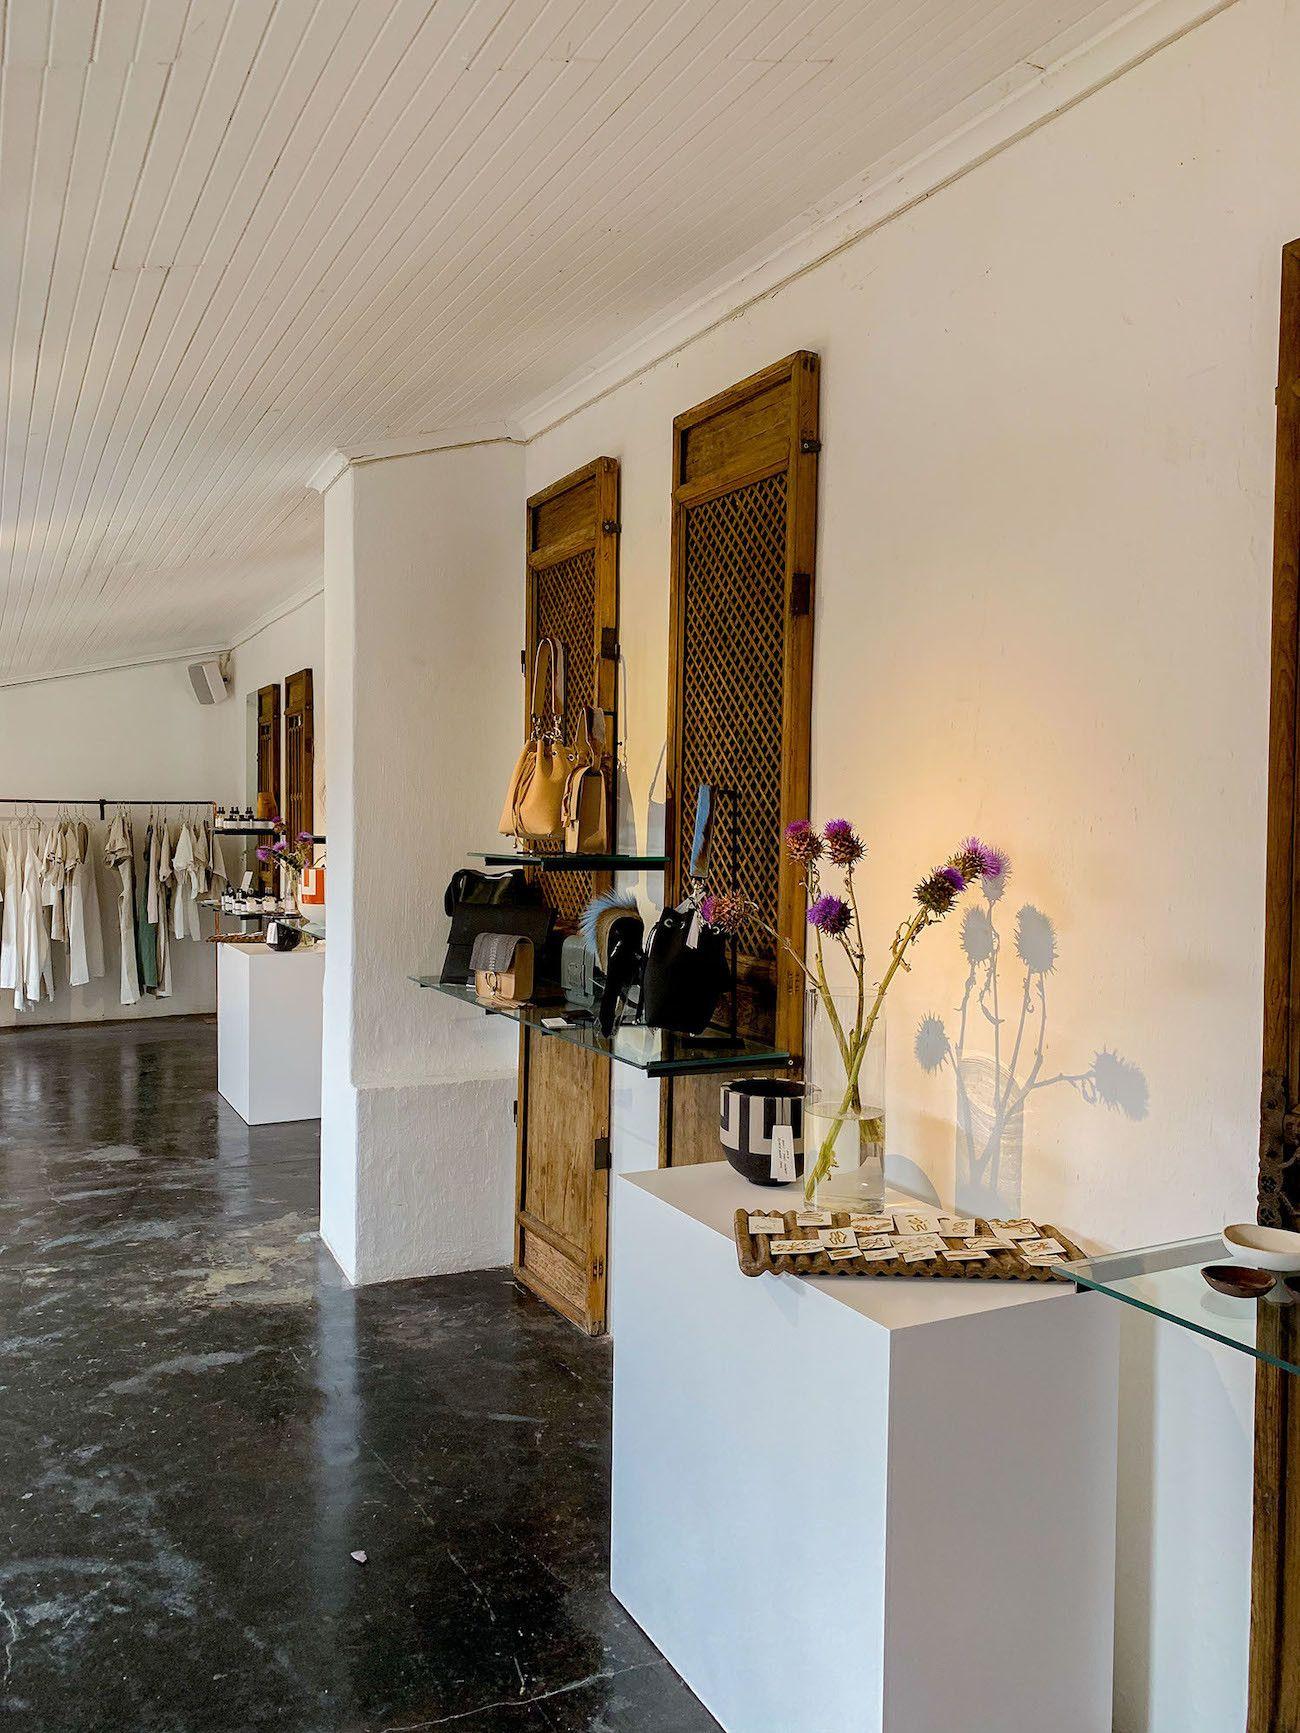 Frühstücks - und Brunch Guide für Kapstadt, The Strangers Club, Shop